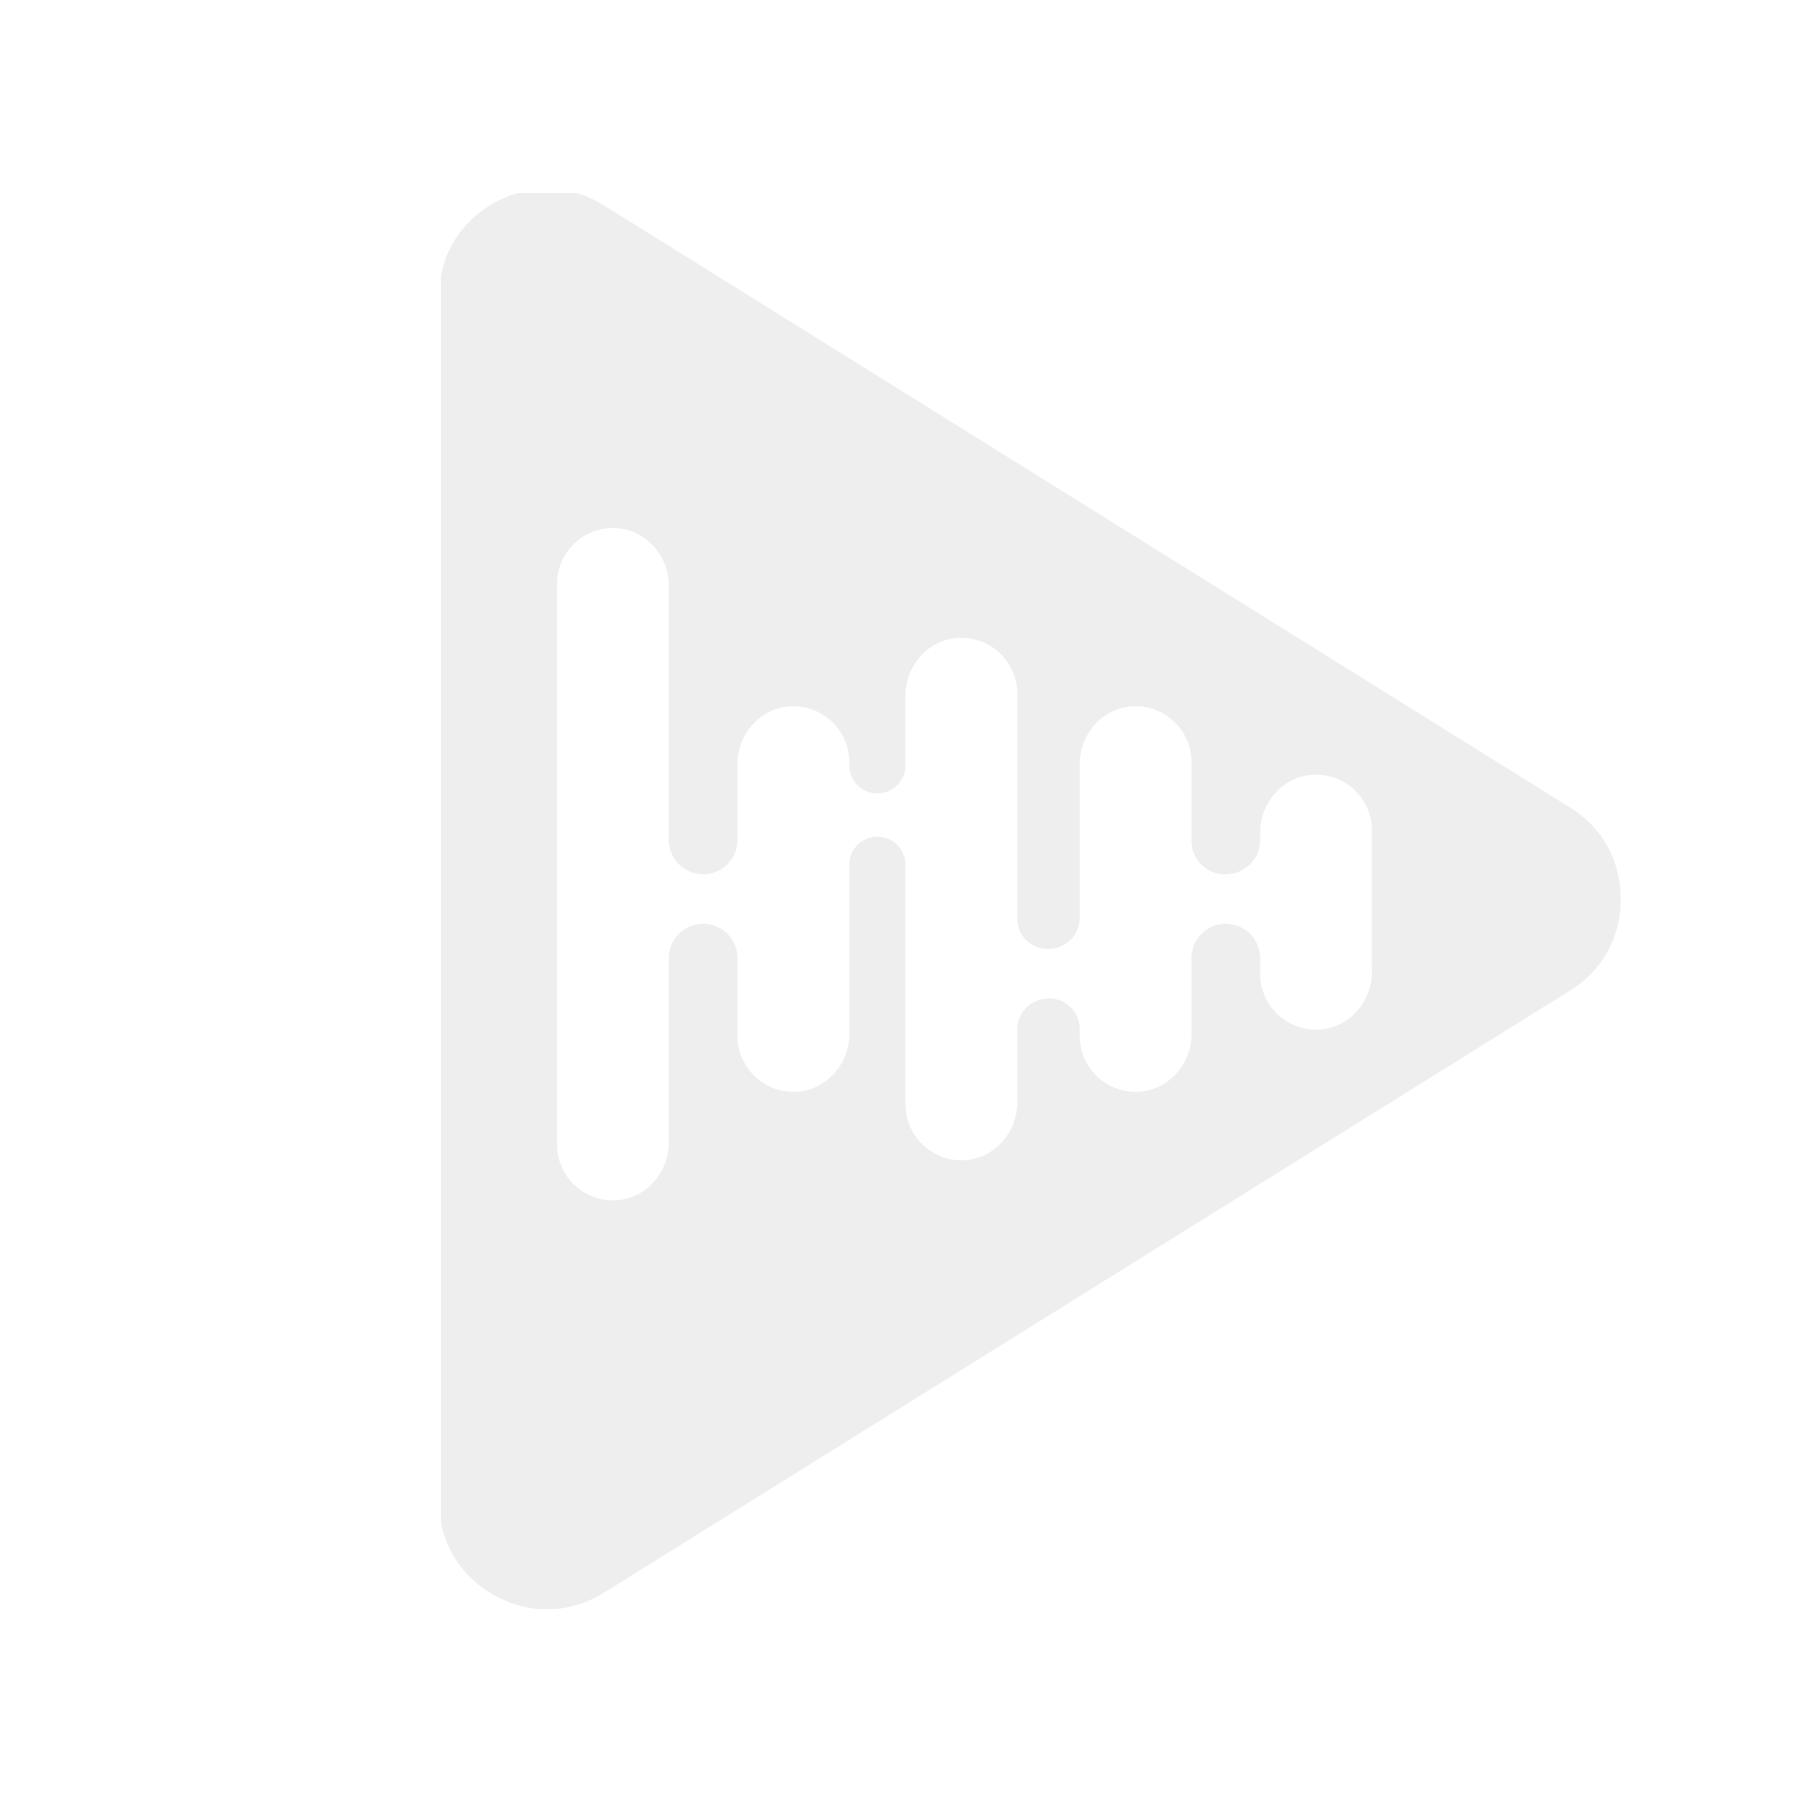 Scosche SoundKase SKC96 - CD-mappe for 96 CD plater, klare lommer